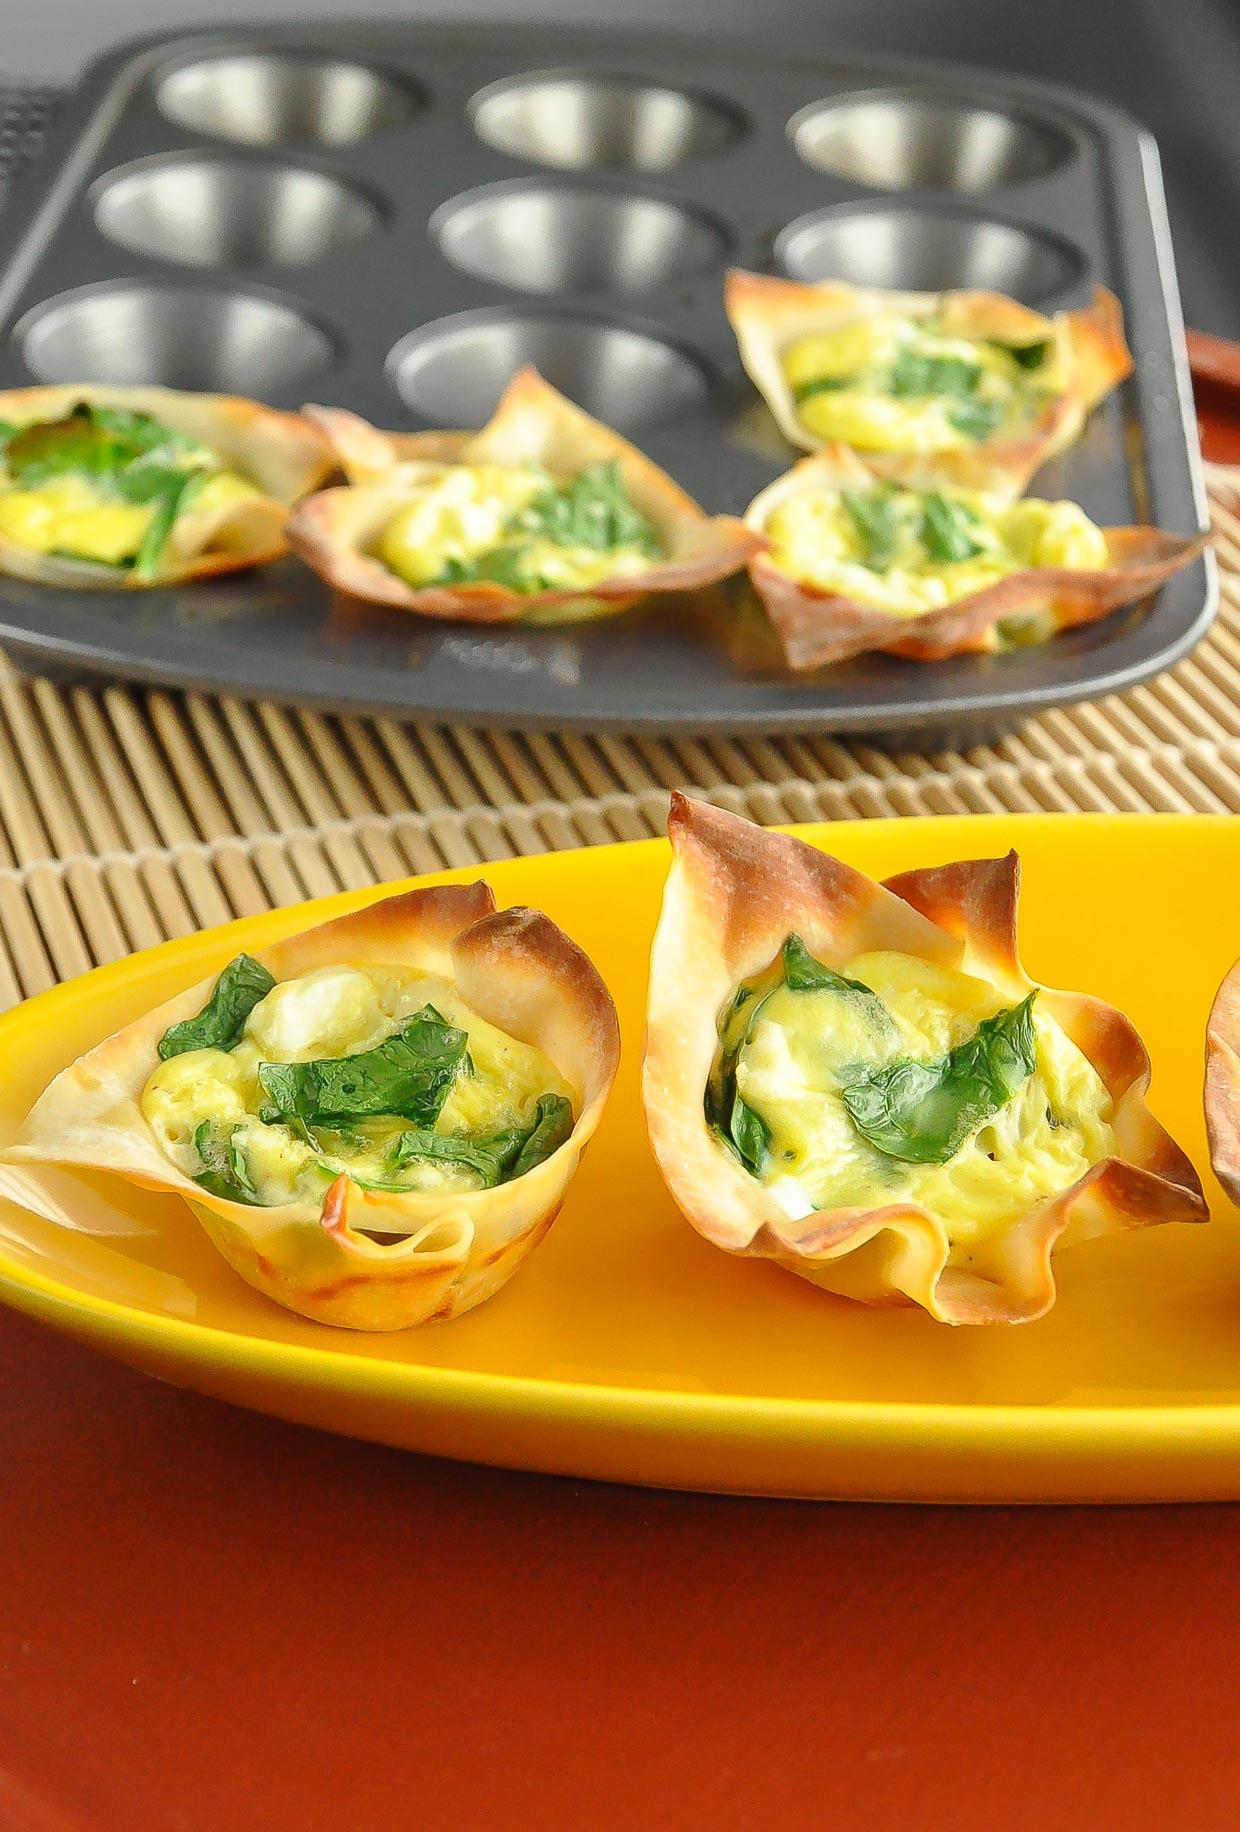 Spinach and Feta Won-ton Quiche Cups Recipe